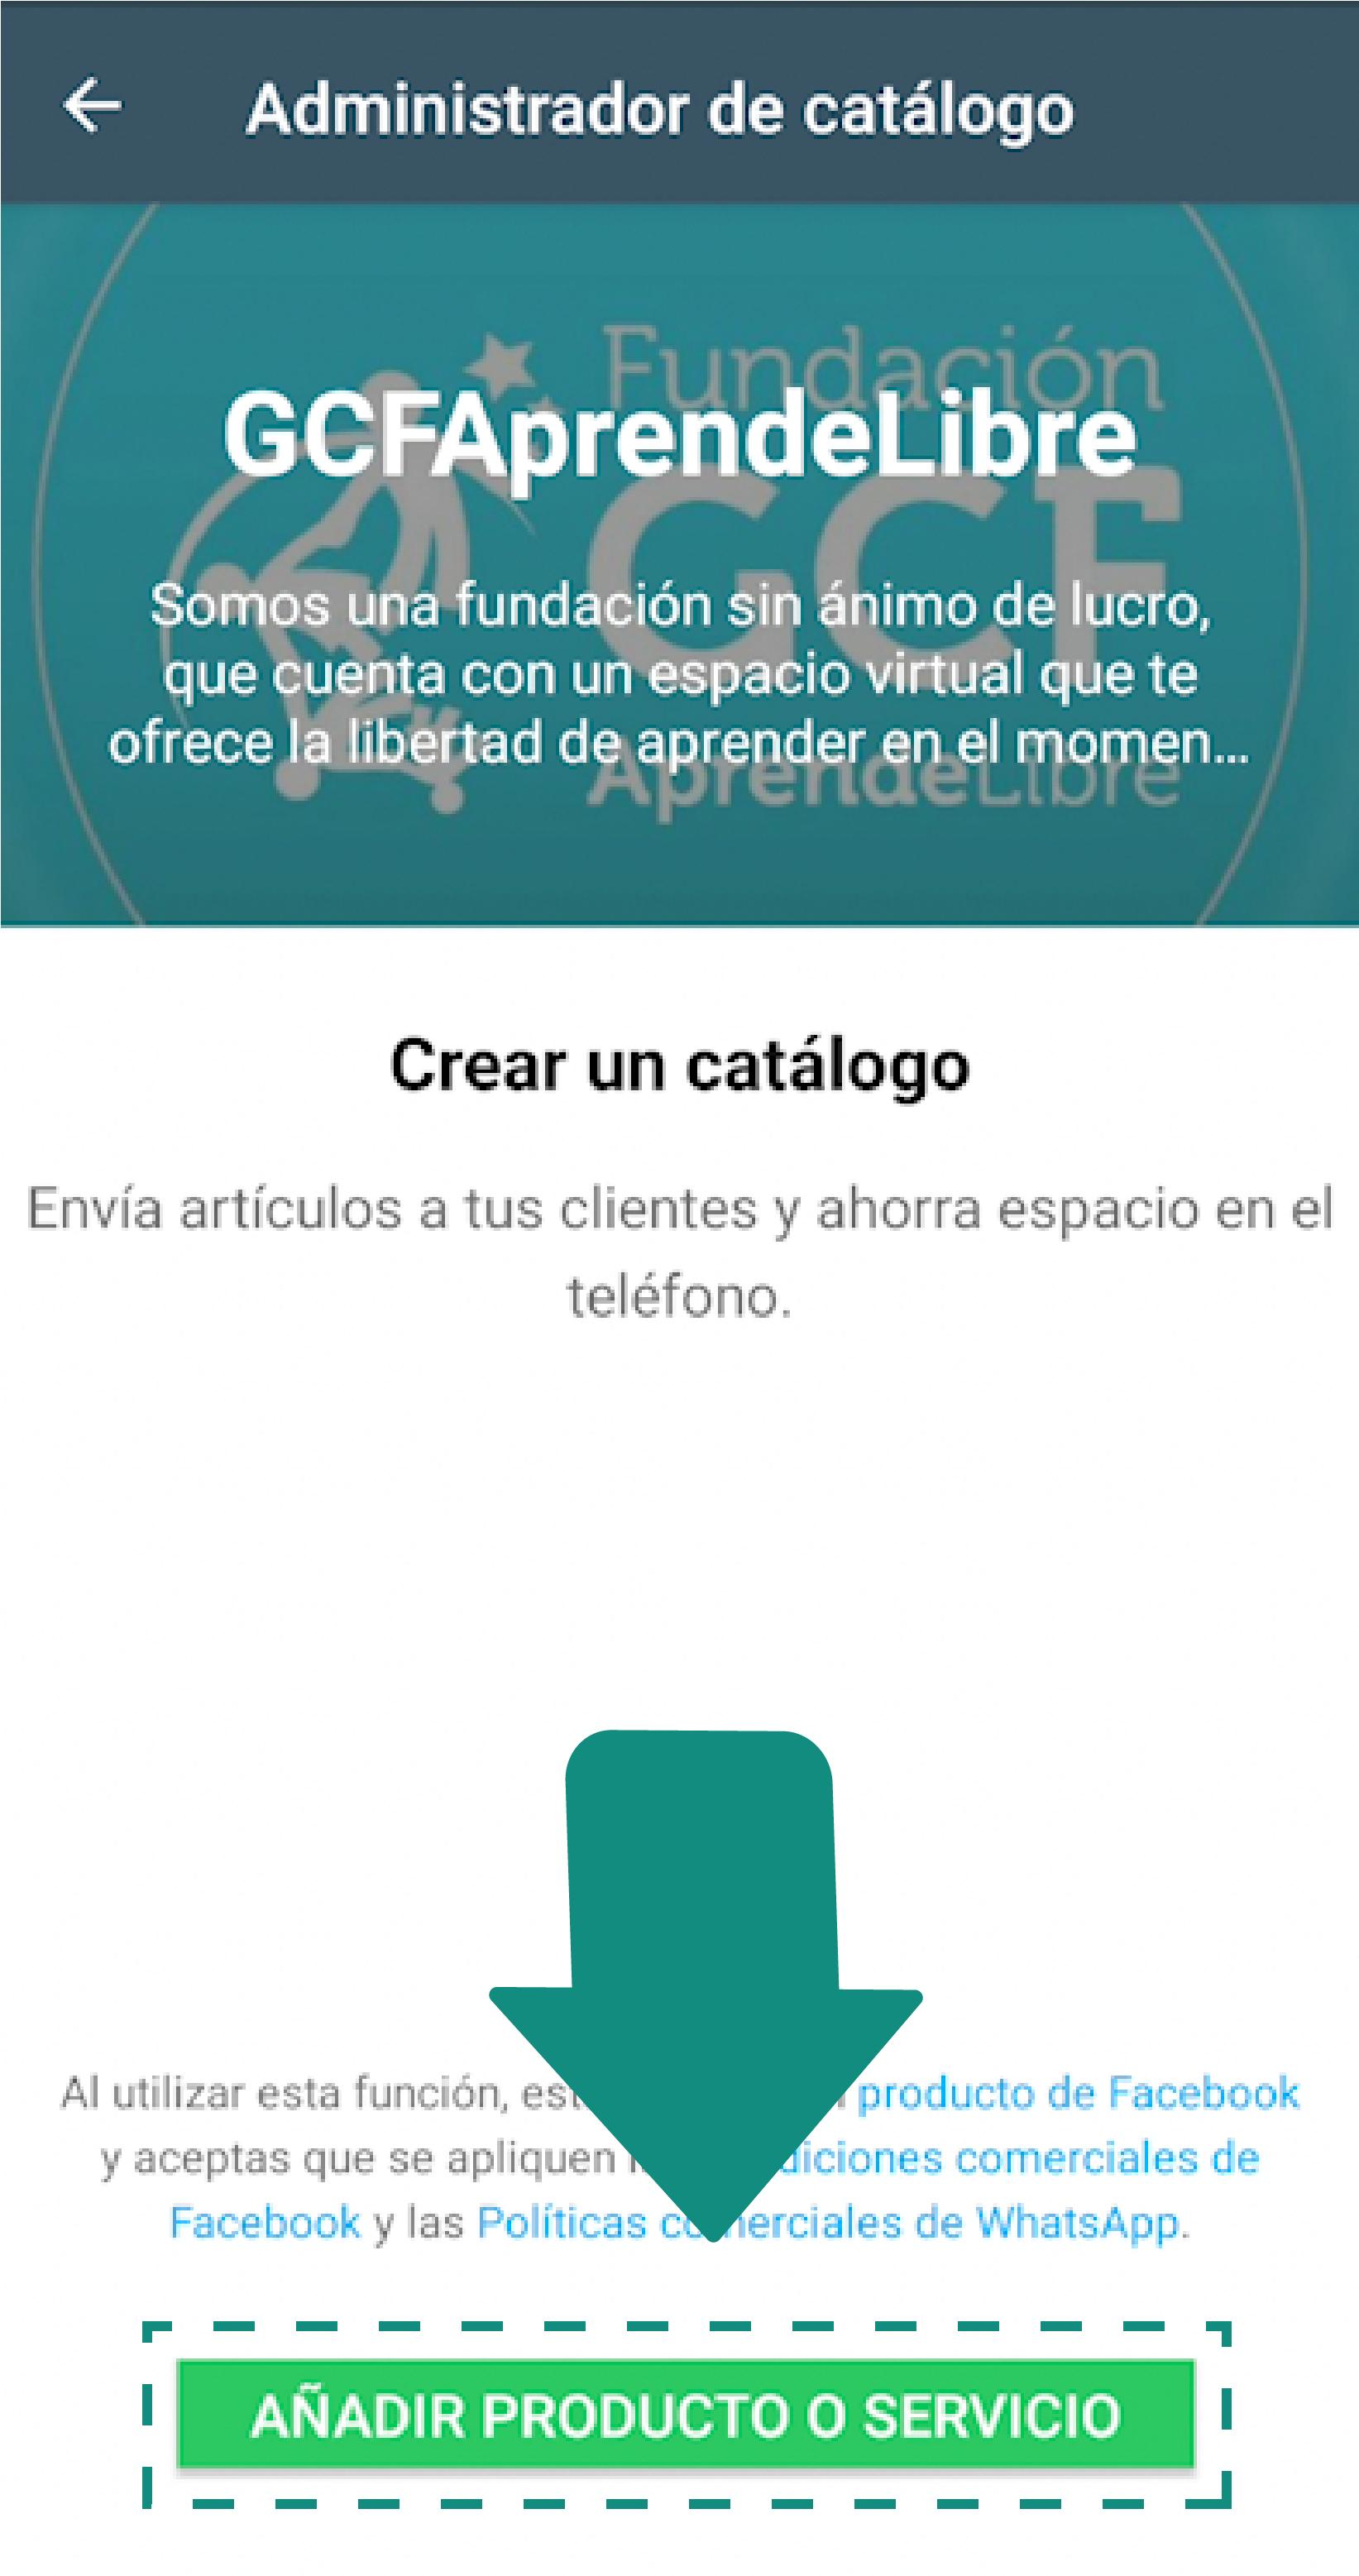 Paso 4:  Allí, selecciona Catálogo.  Si no te aparece esta opción, verifica que tienes descargada la última versión de la aplicación.